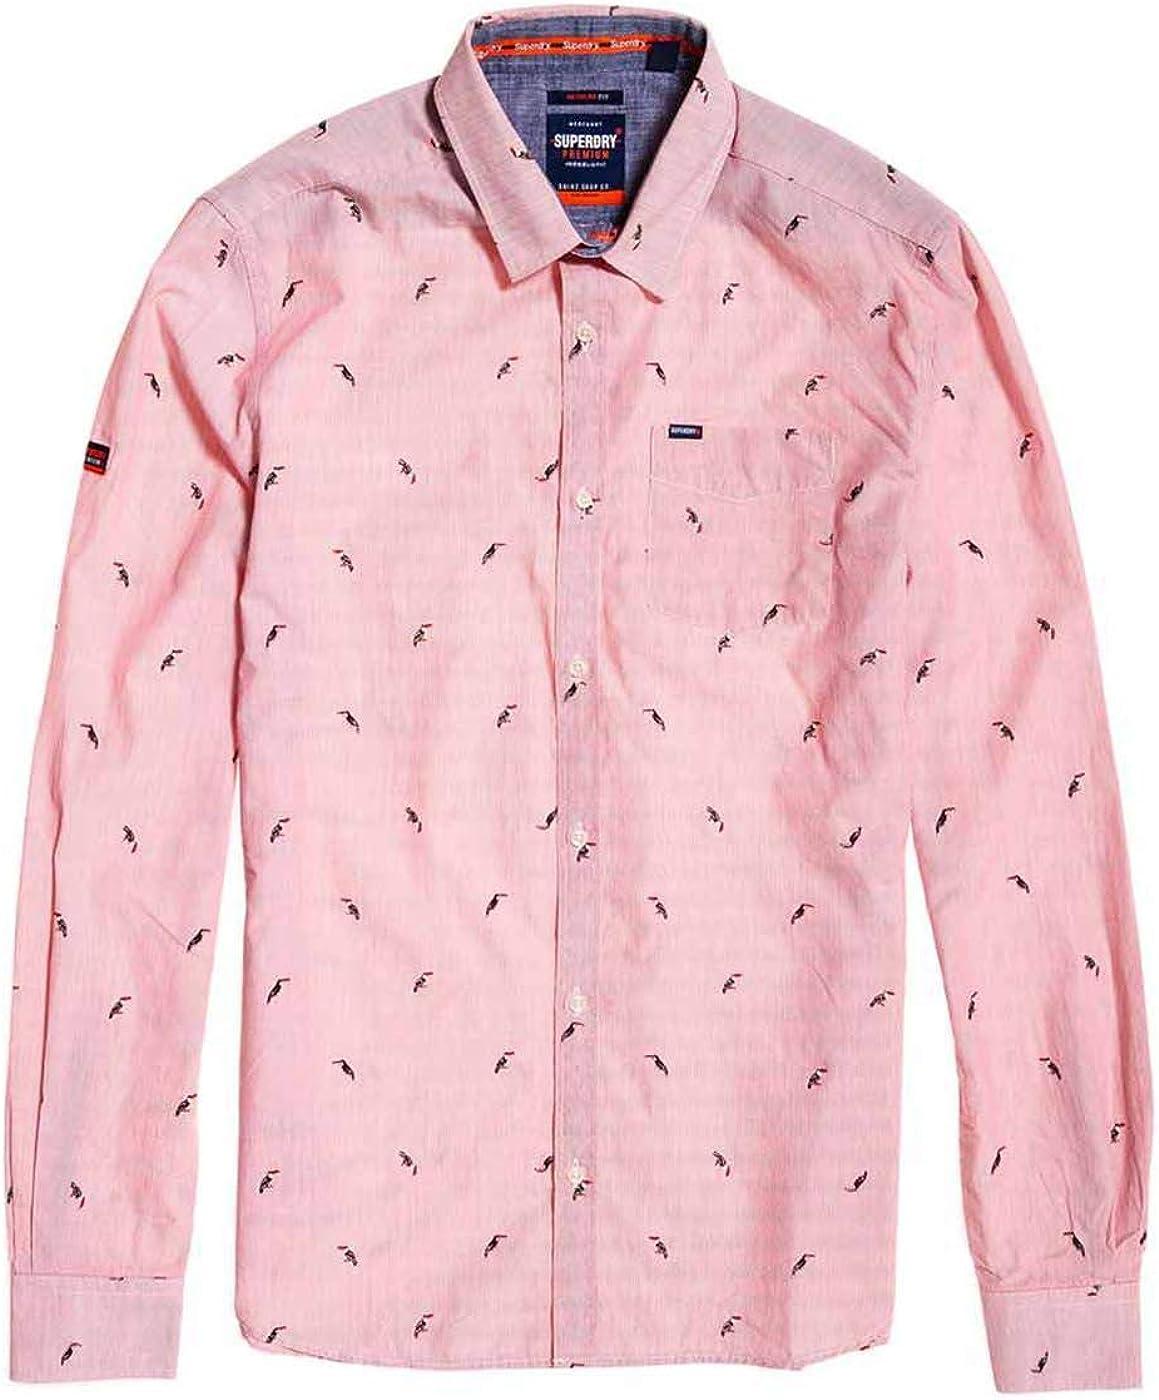 Superdry Camisa Hombre Premium Shoreditch Tucanes Rojo XL Rojo: Amazon.es: Zapatos y complementos